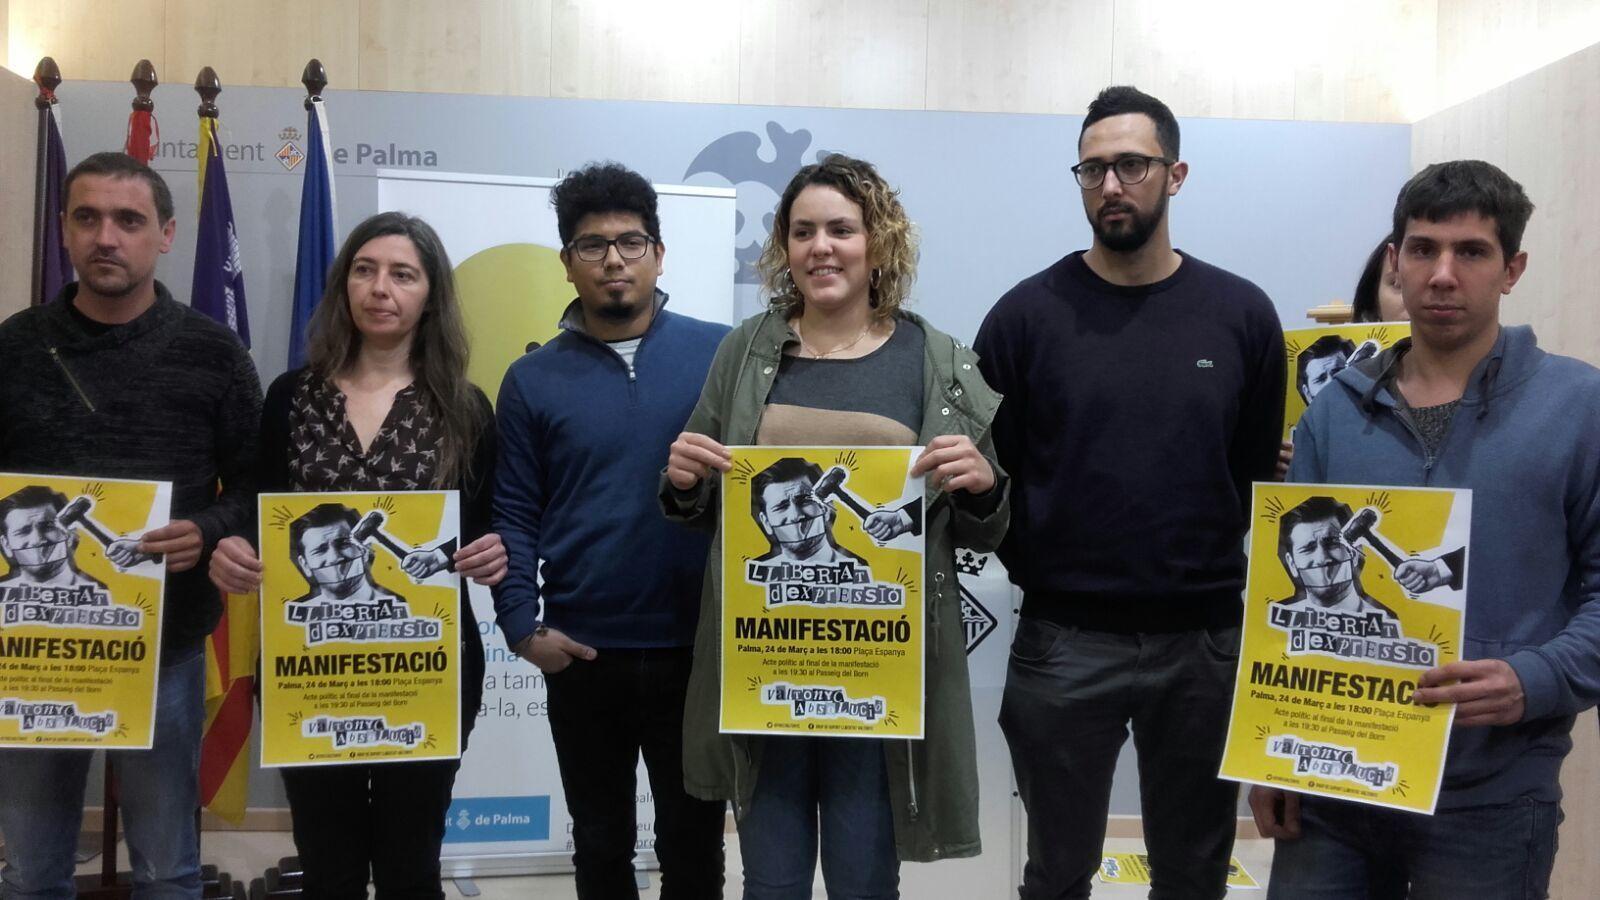 El regidor de Podem, Aligi Molina, i la regidora de MÉS, Neus Truyol, amb Valtònyc i el seu grup de suport.